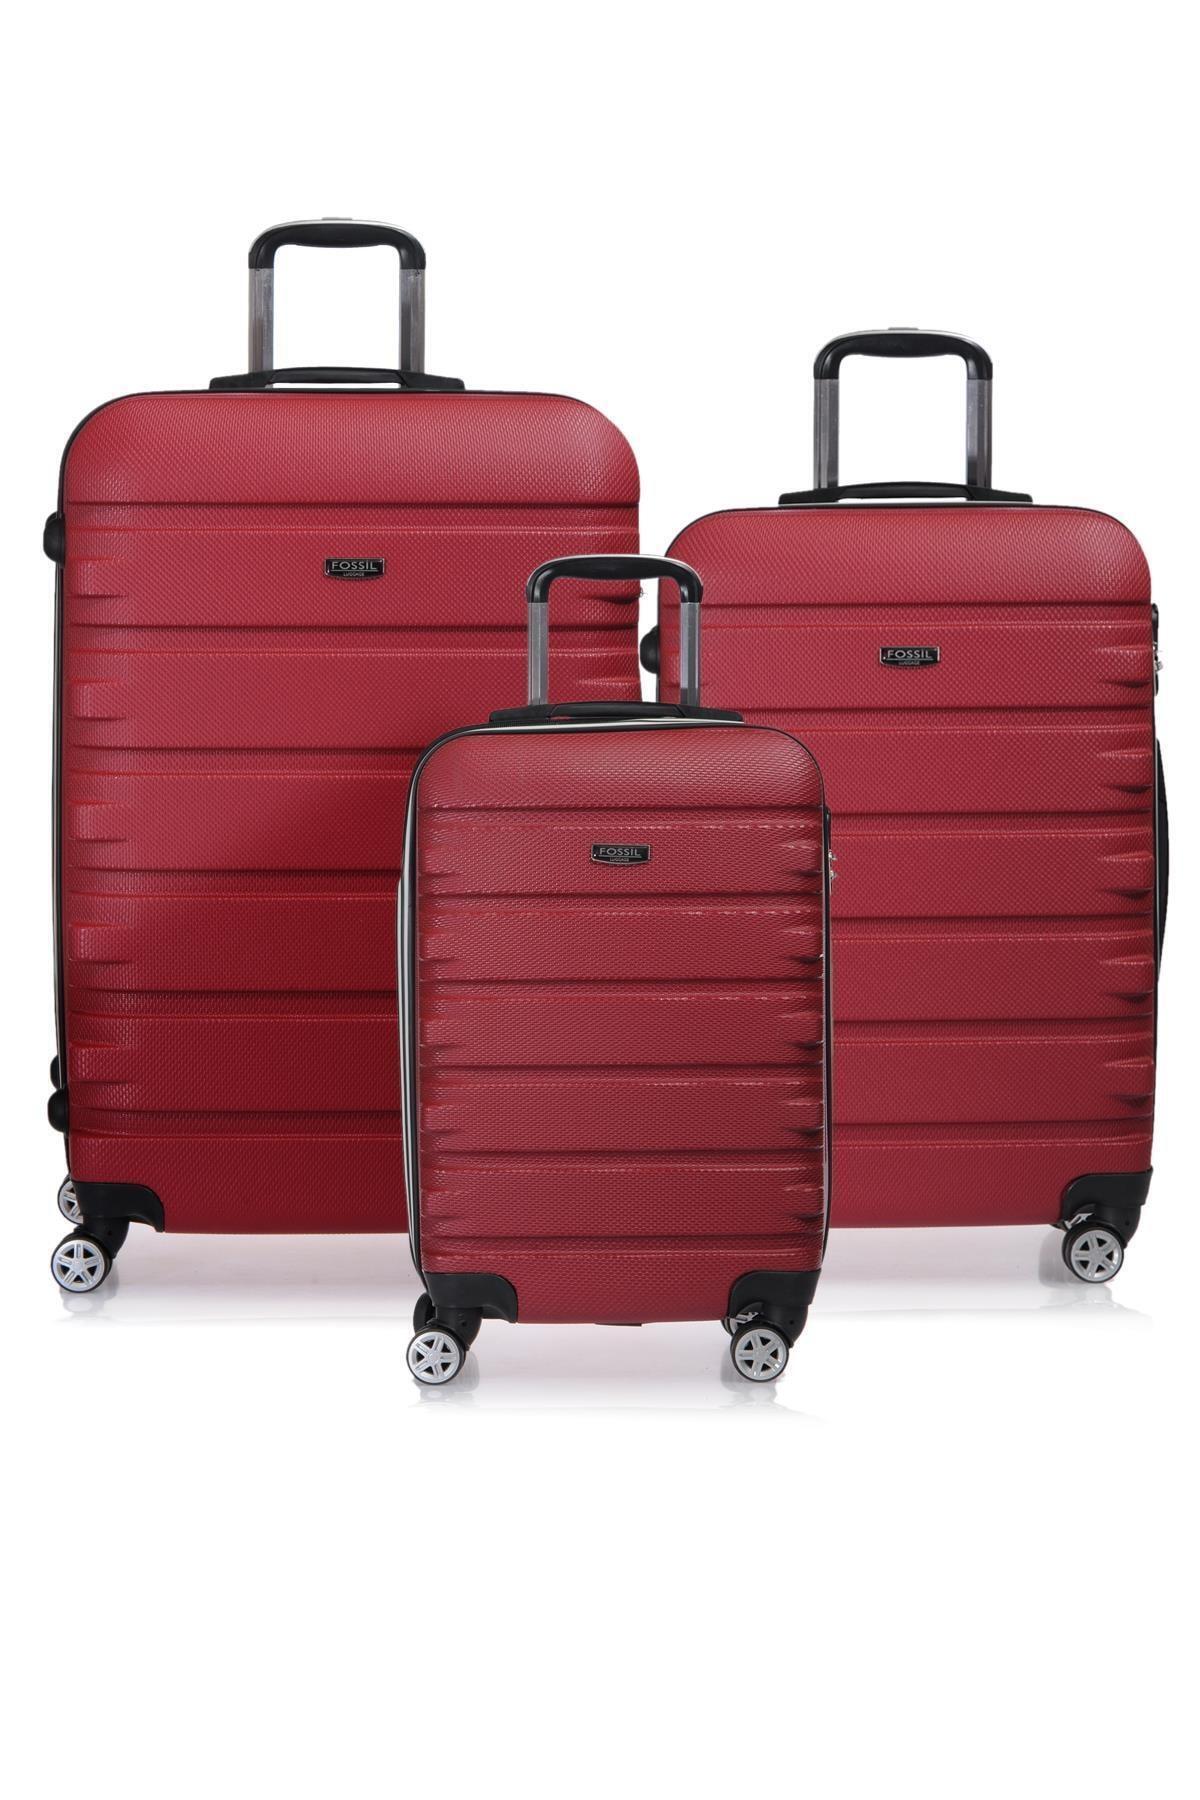 Fossil Fsy1116-set Kırmızı Kırmızı Unısex 3 Lü Set Valiz 1